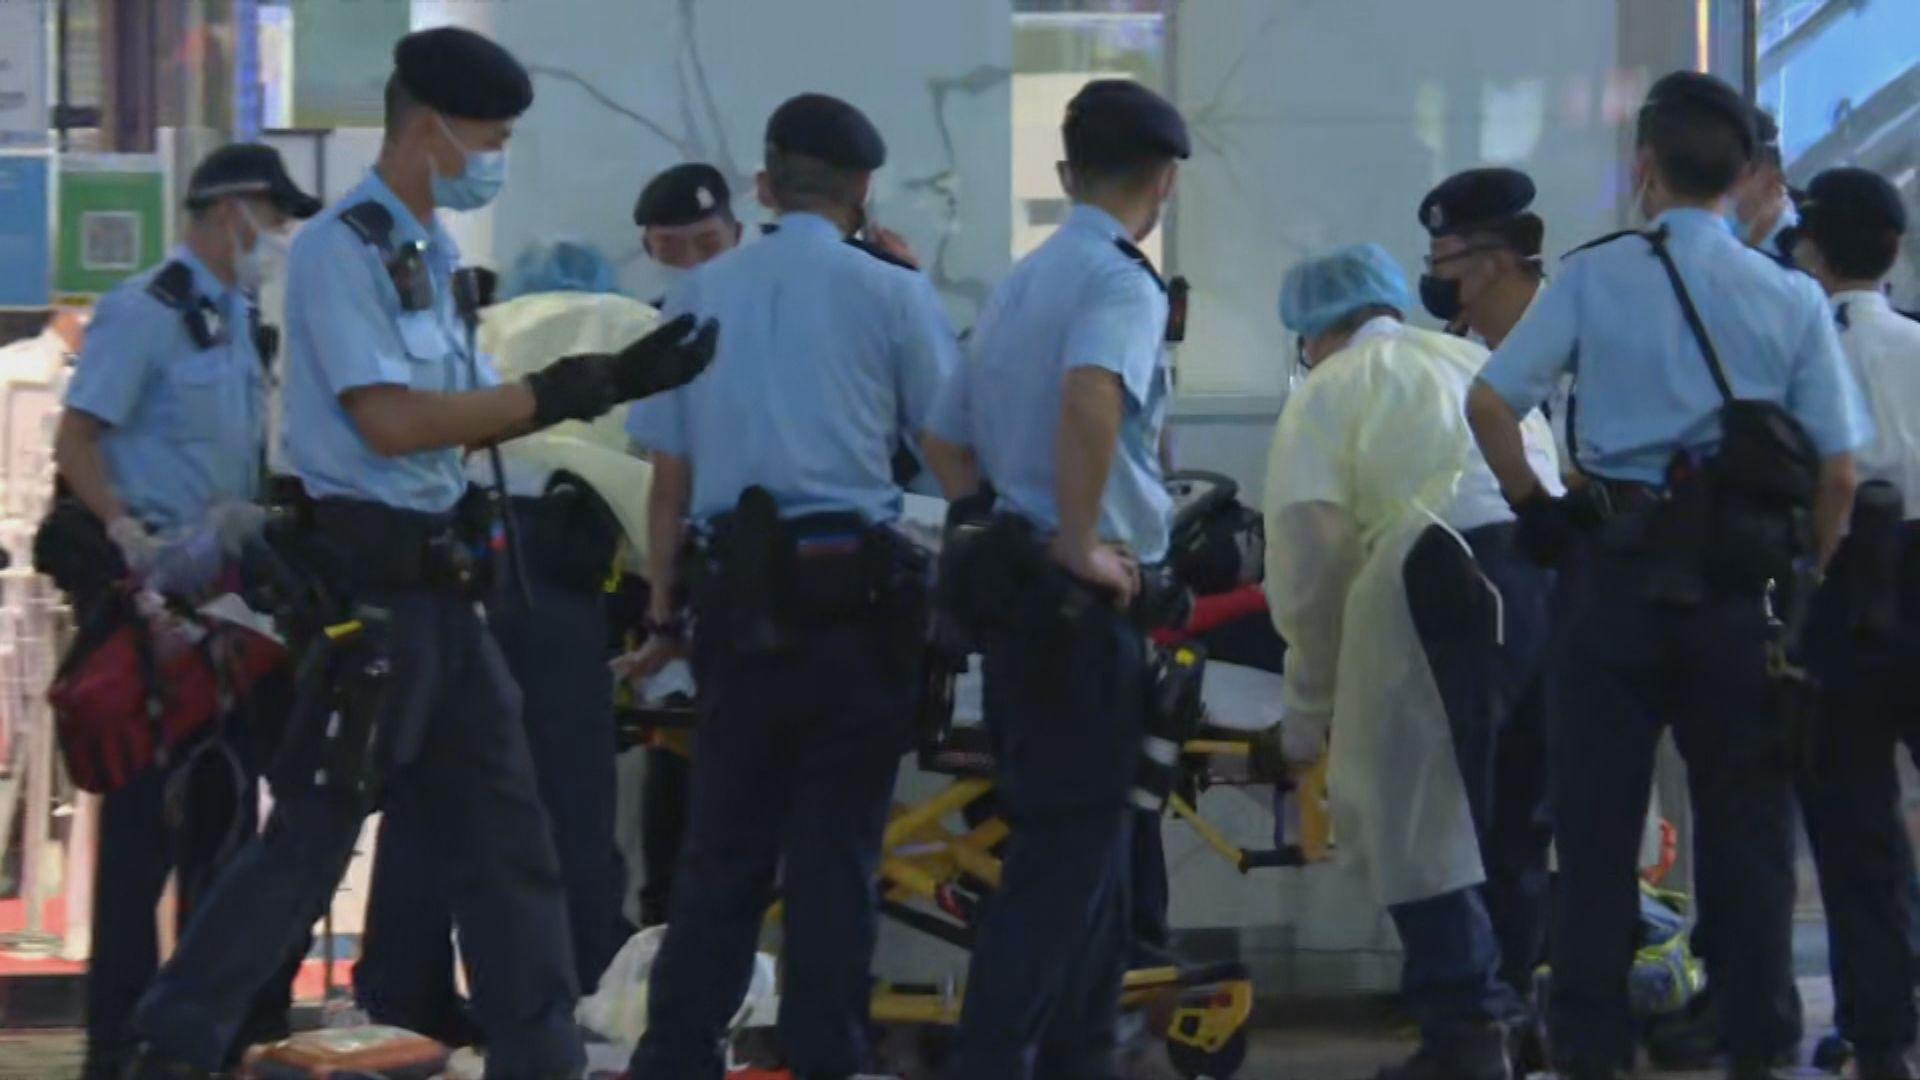 一警員銅鑼灣被刀襲擊受傷 警方強烈譴責事件